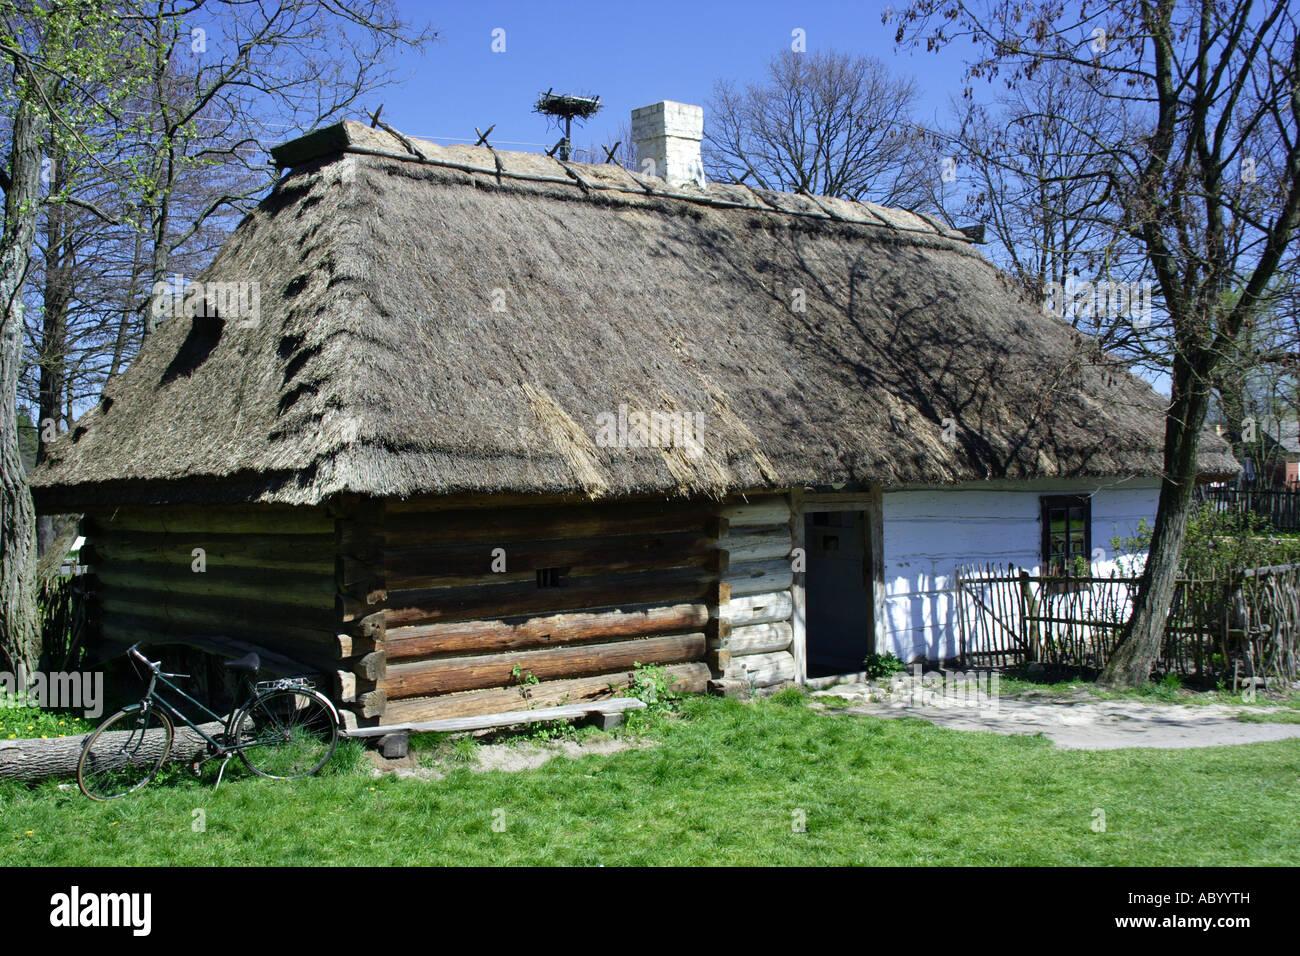 Zagroda Guciow open air museum Poland Stock Photo